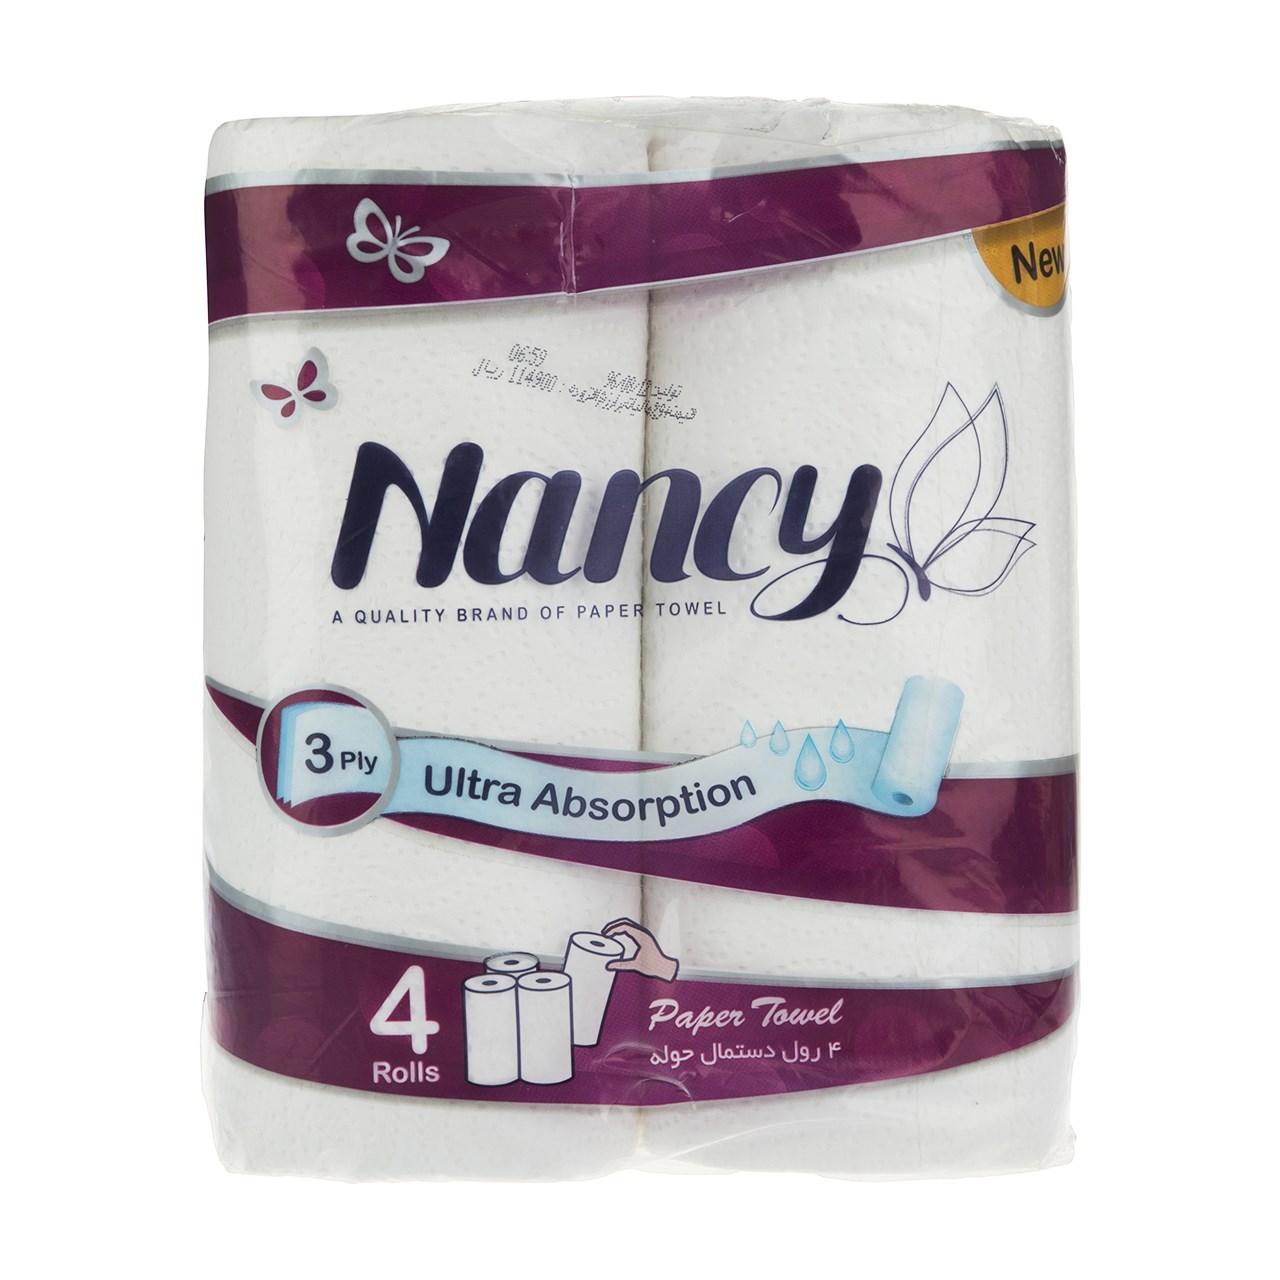 دستمال حوله کاغذی نانسی بسته 4 عددی